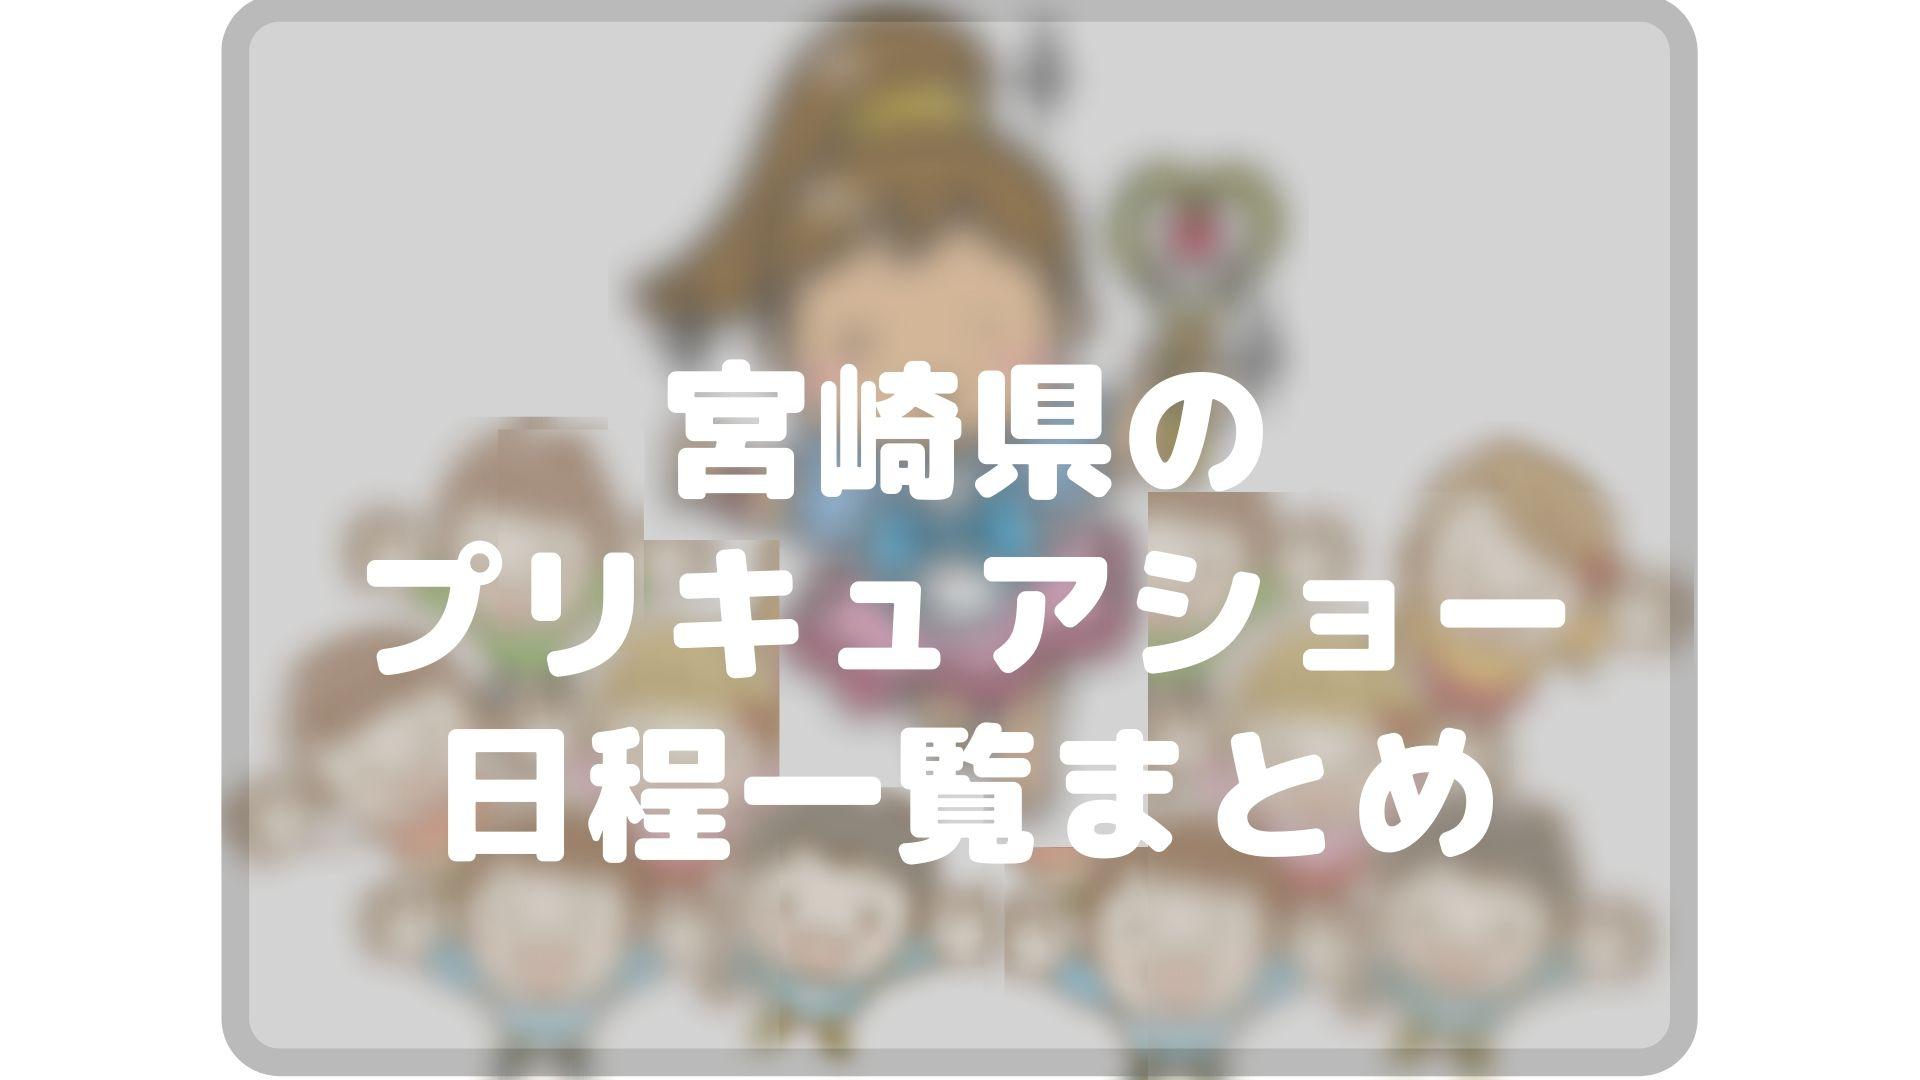 宮崎県のプリキュアショーまとめタイトル画像